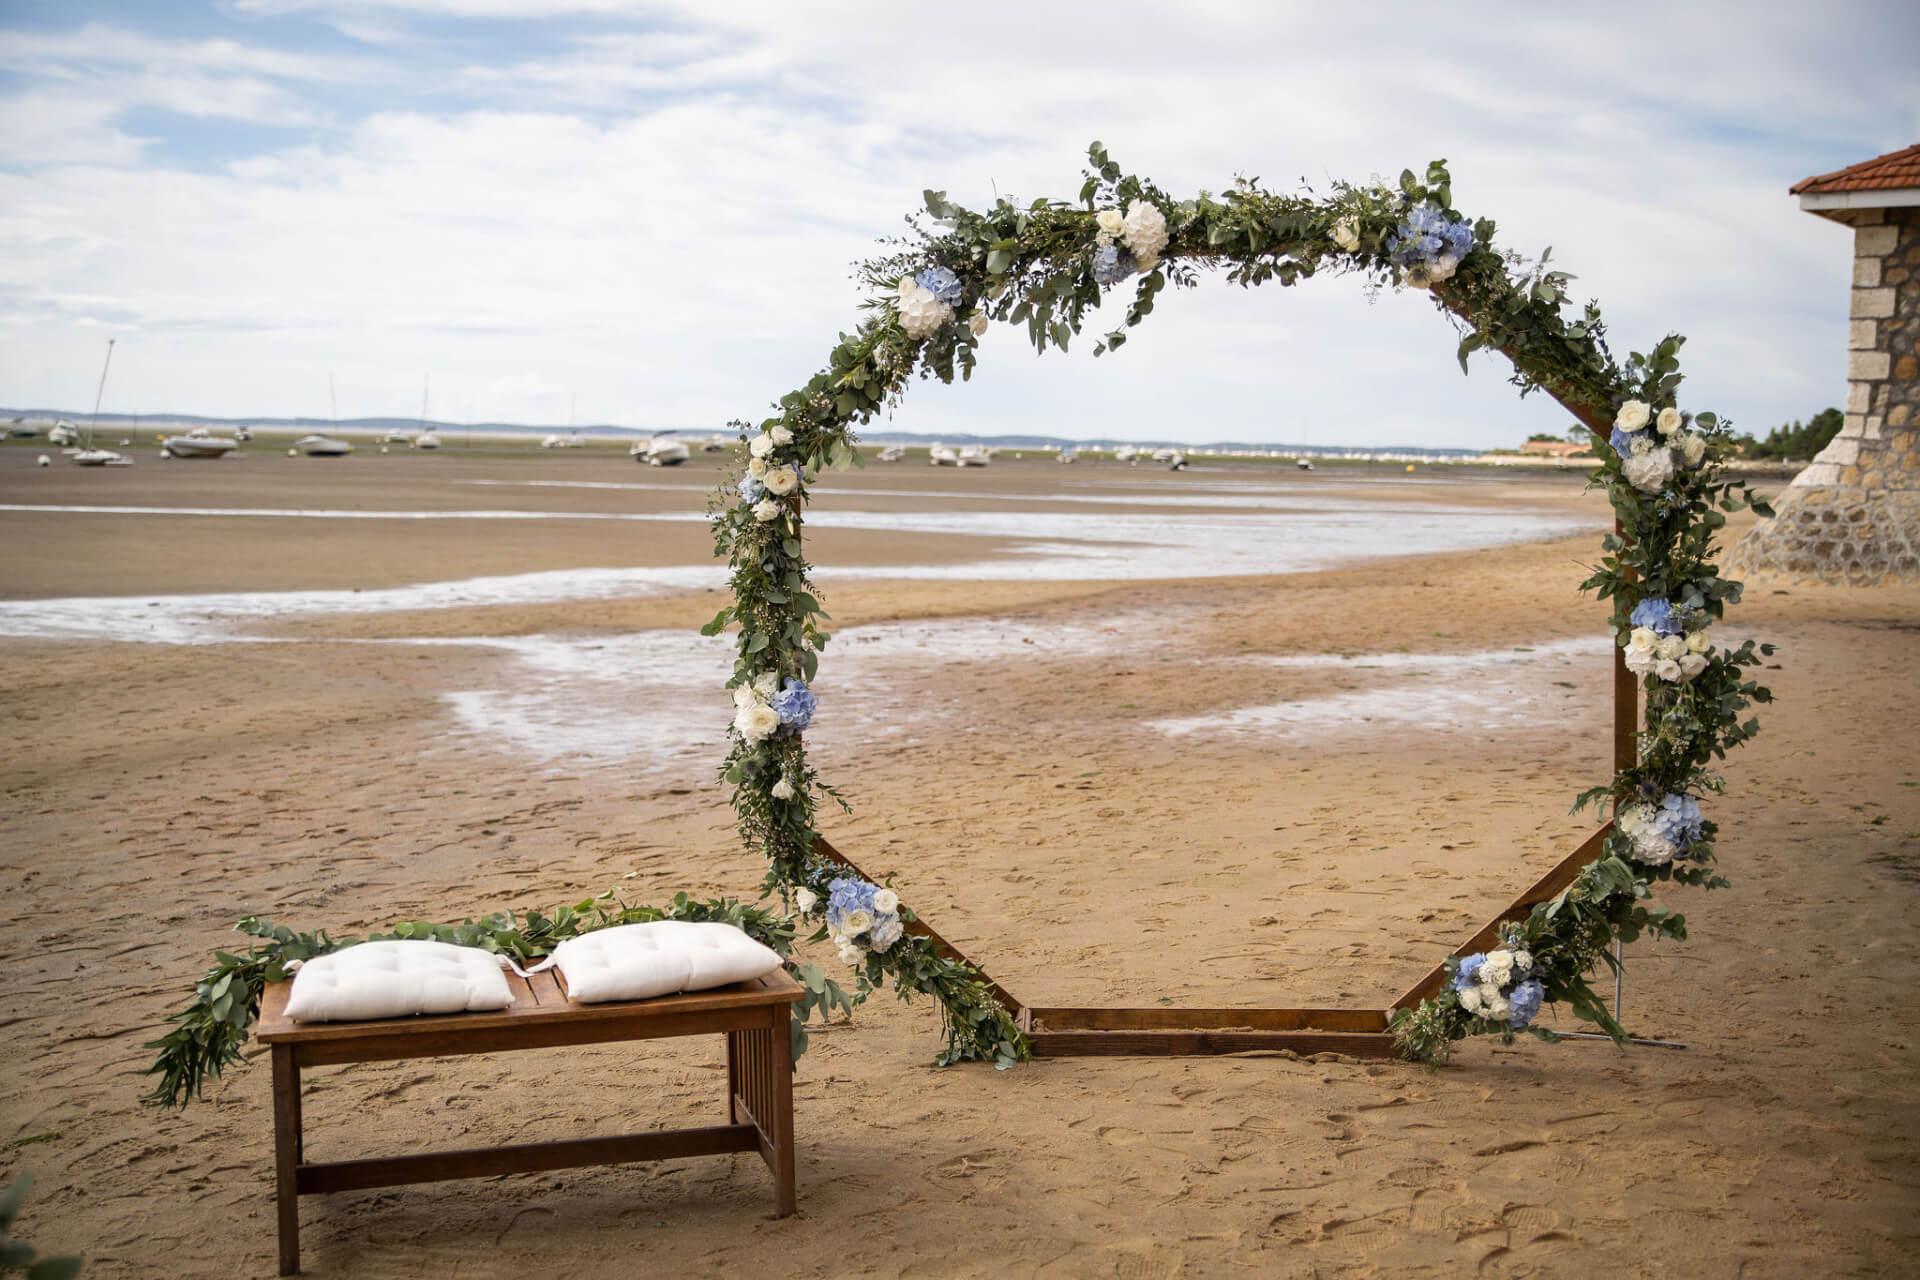 Pour vos livrets de cérémonie et votre arche de cérémonie et/ou le décor entier de votre cérémonie, ne cherchez plus